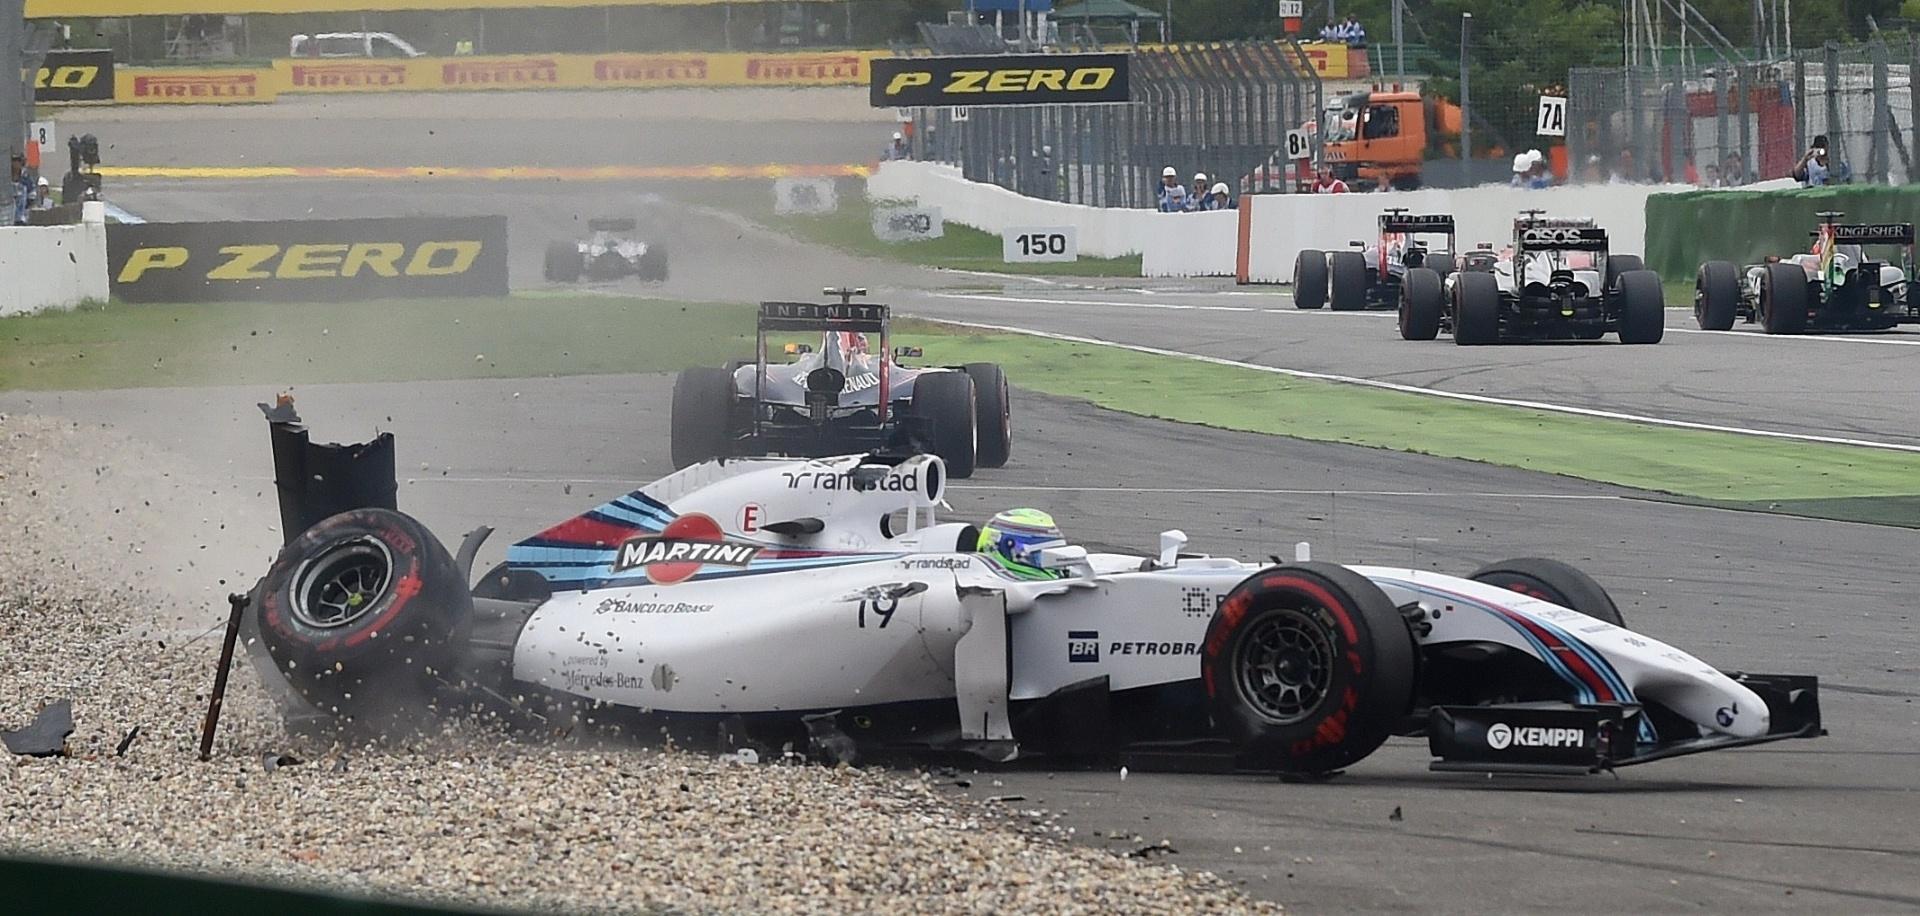 20.jul.2014 - Felipe Massa abandona o GP da Alemanha após se chocar com Magnussen na primeira curva